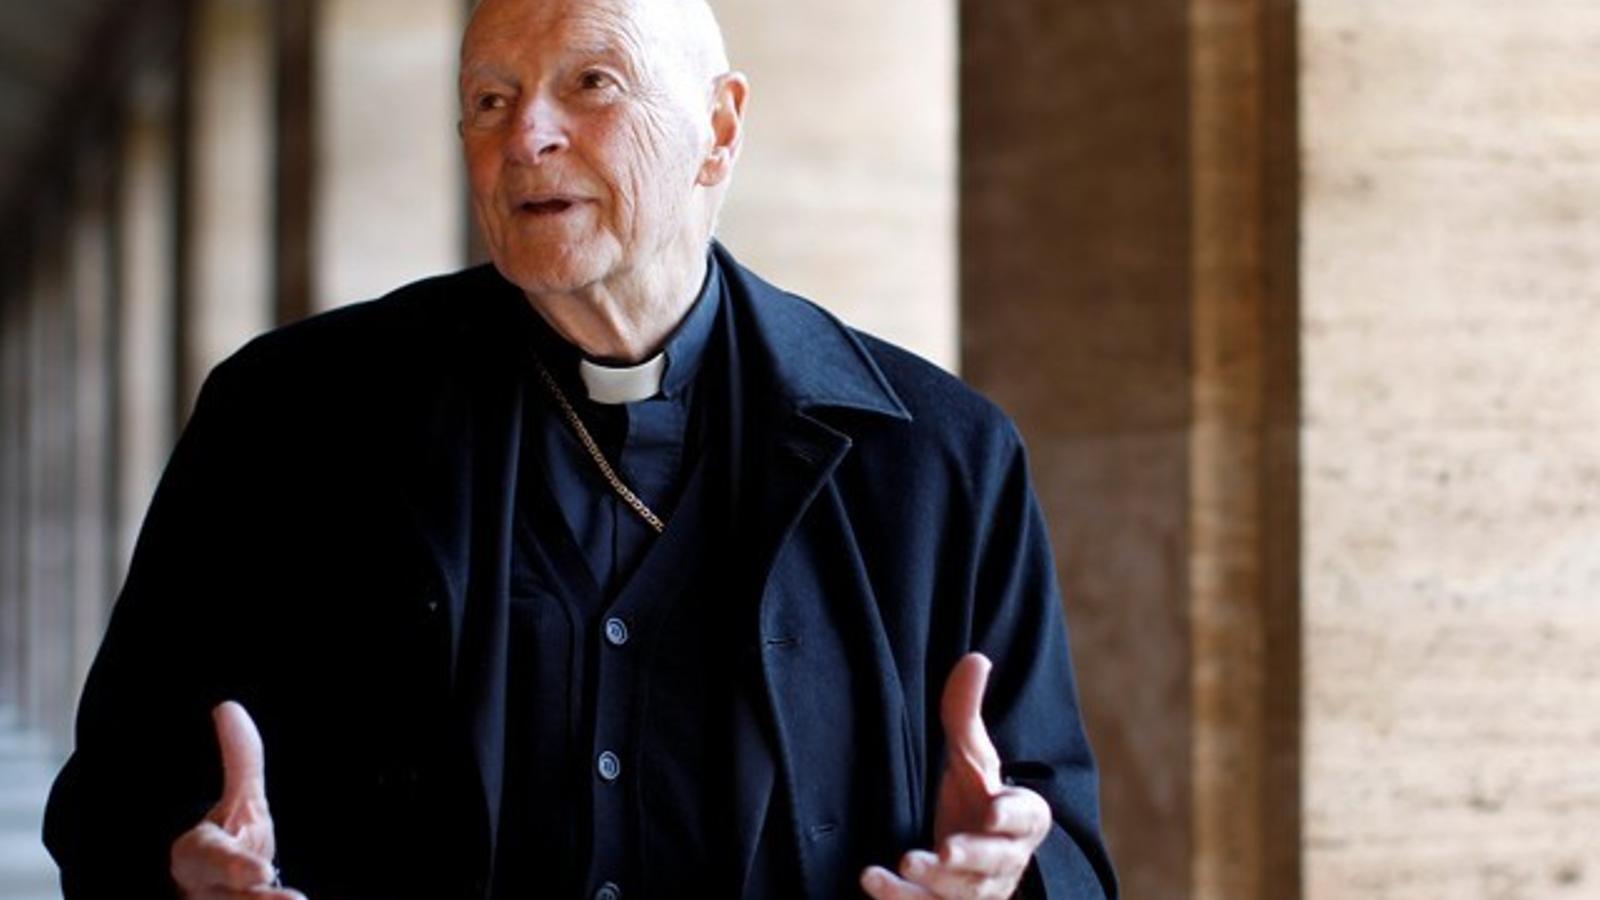 El Papa ordena la reclusió del cardenal de Washington fins que se'l jutgi per abús sexual